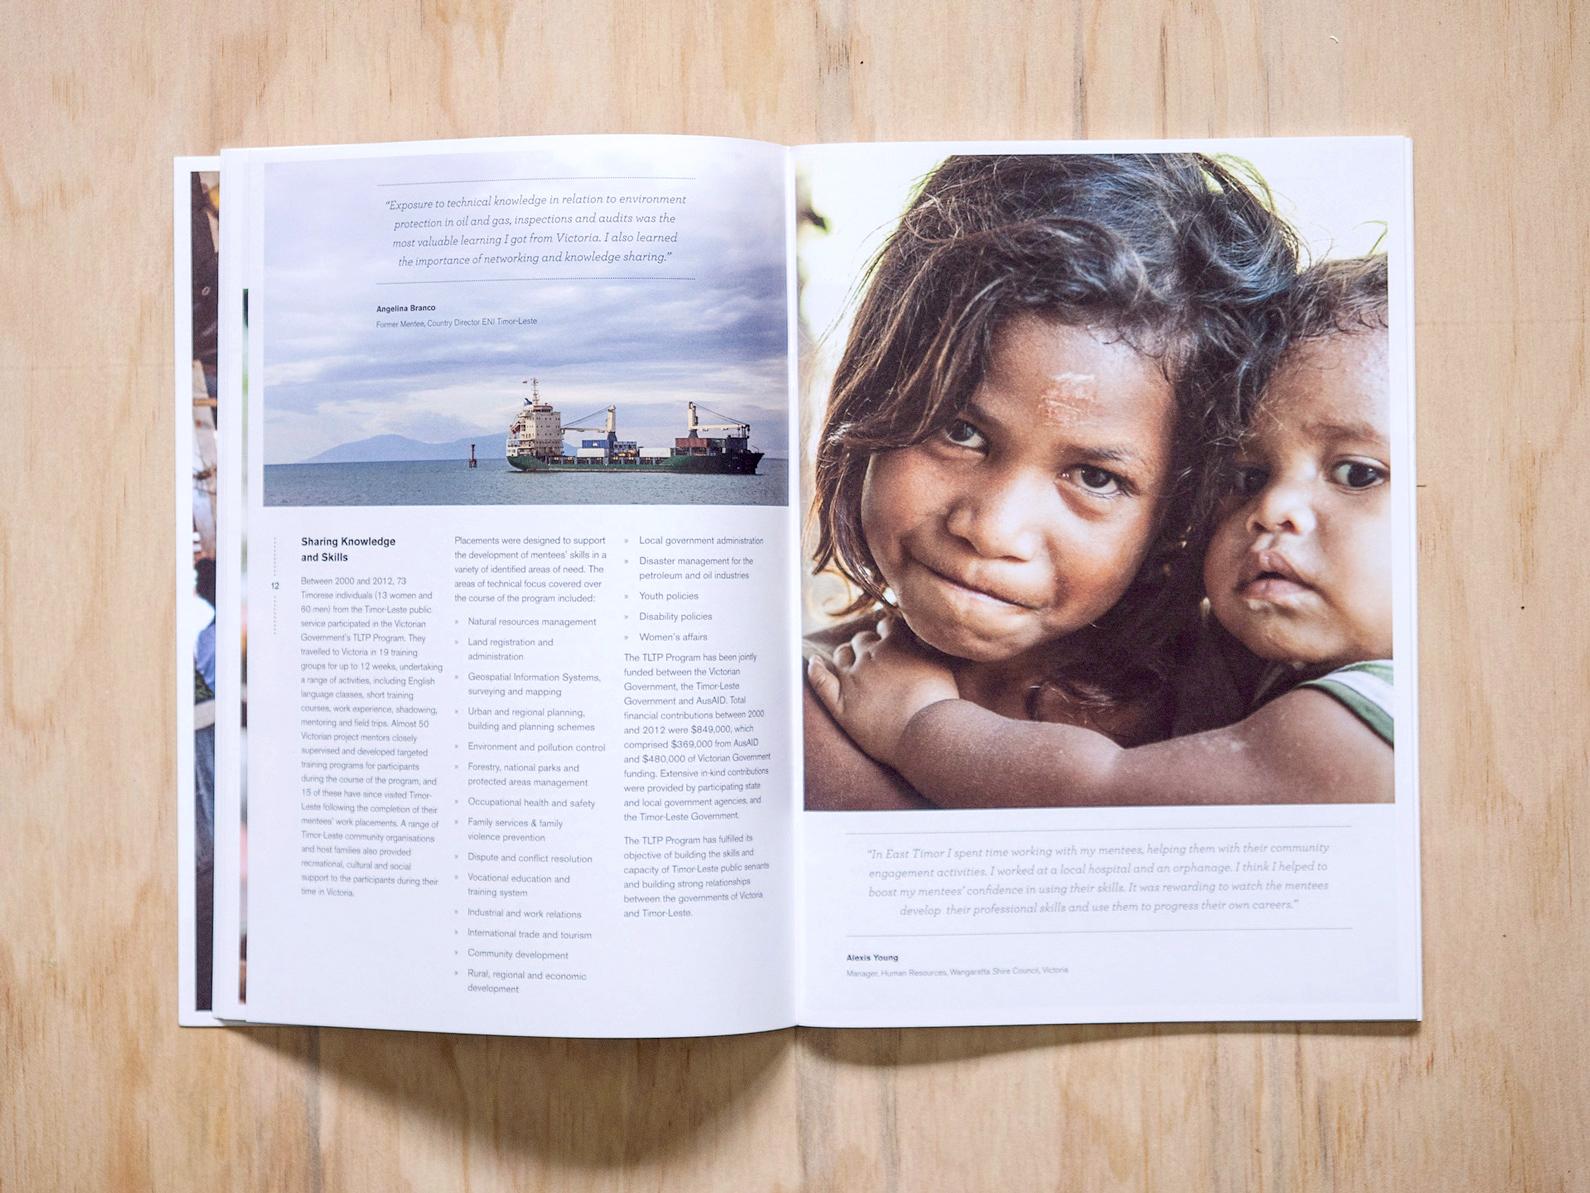 Studio-Mimi-Moon-Publication-Design-Miriam-McWilliam-6